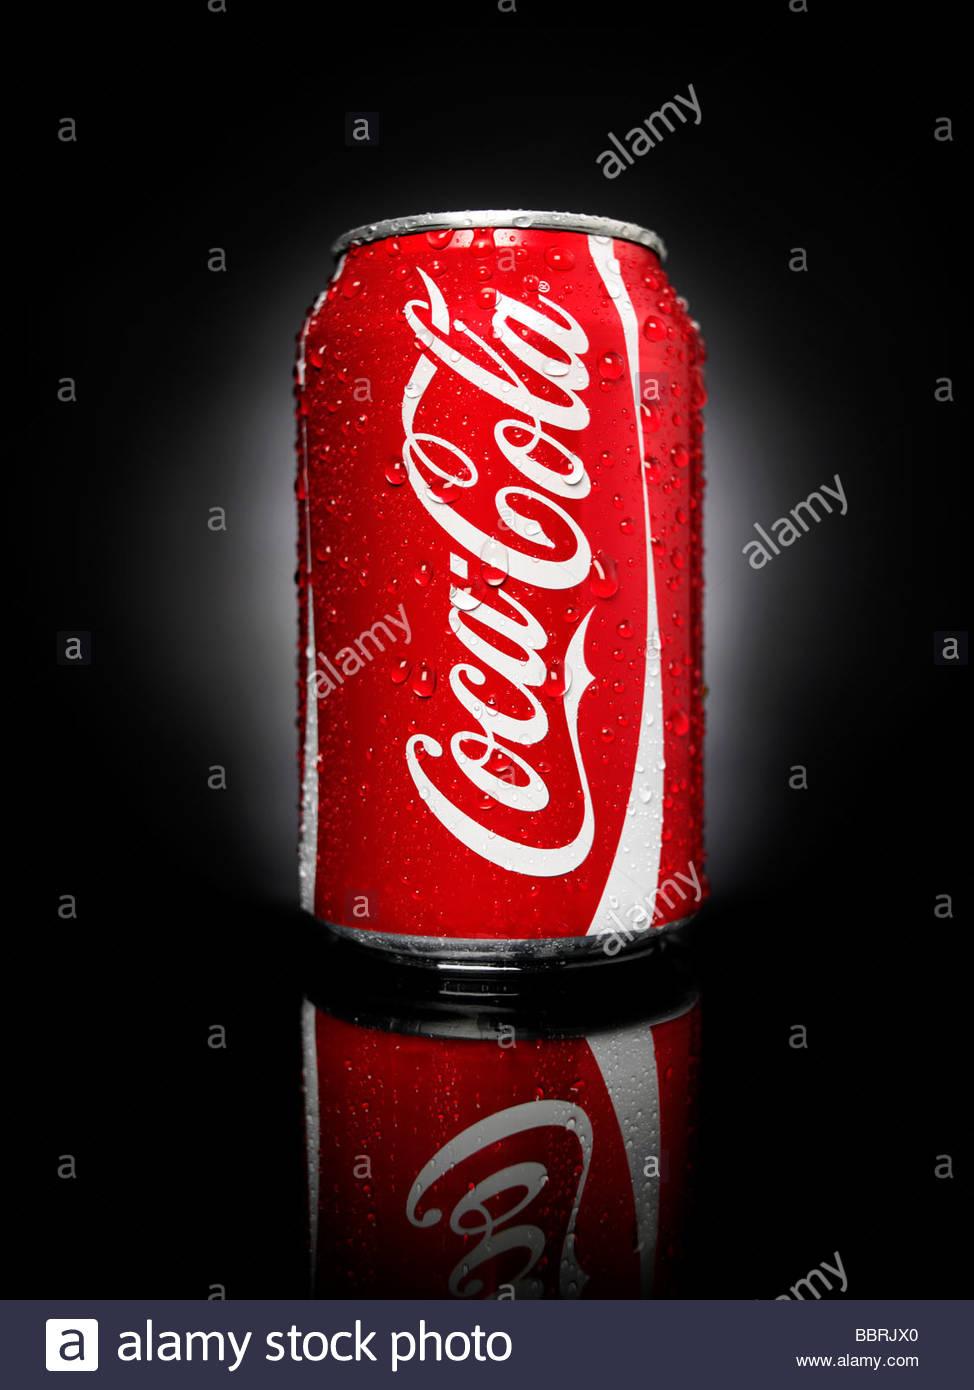 Una Lattina Di Coca Cola Shot Su Sfondo Nero Foto Immagine Stock